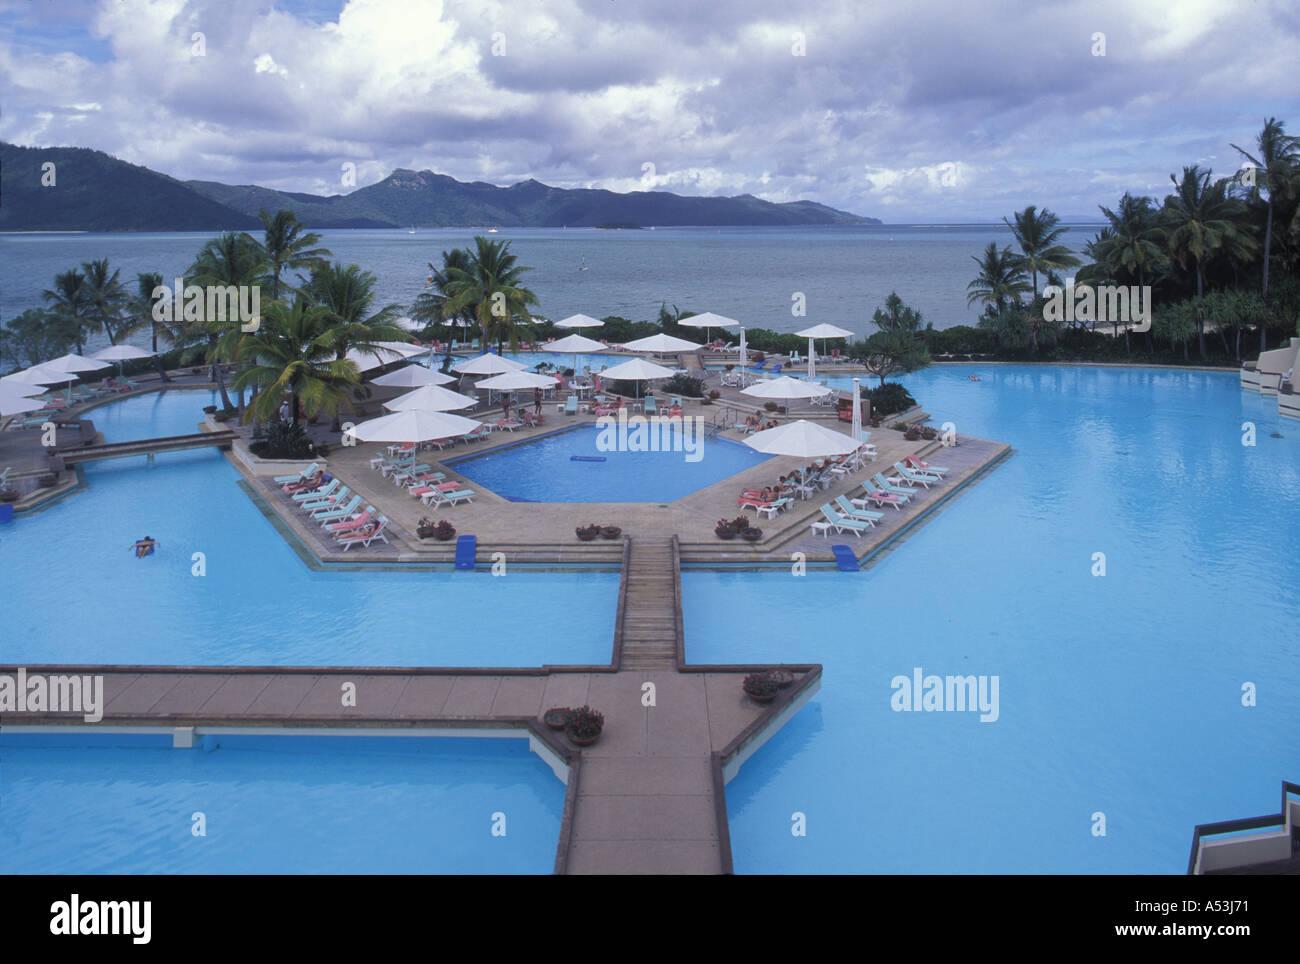 australia great barrier reef hotel pool overlooks ocean at